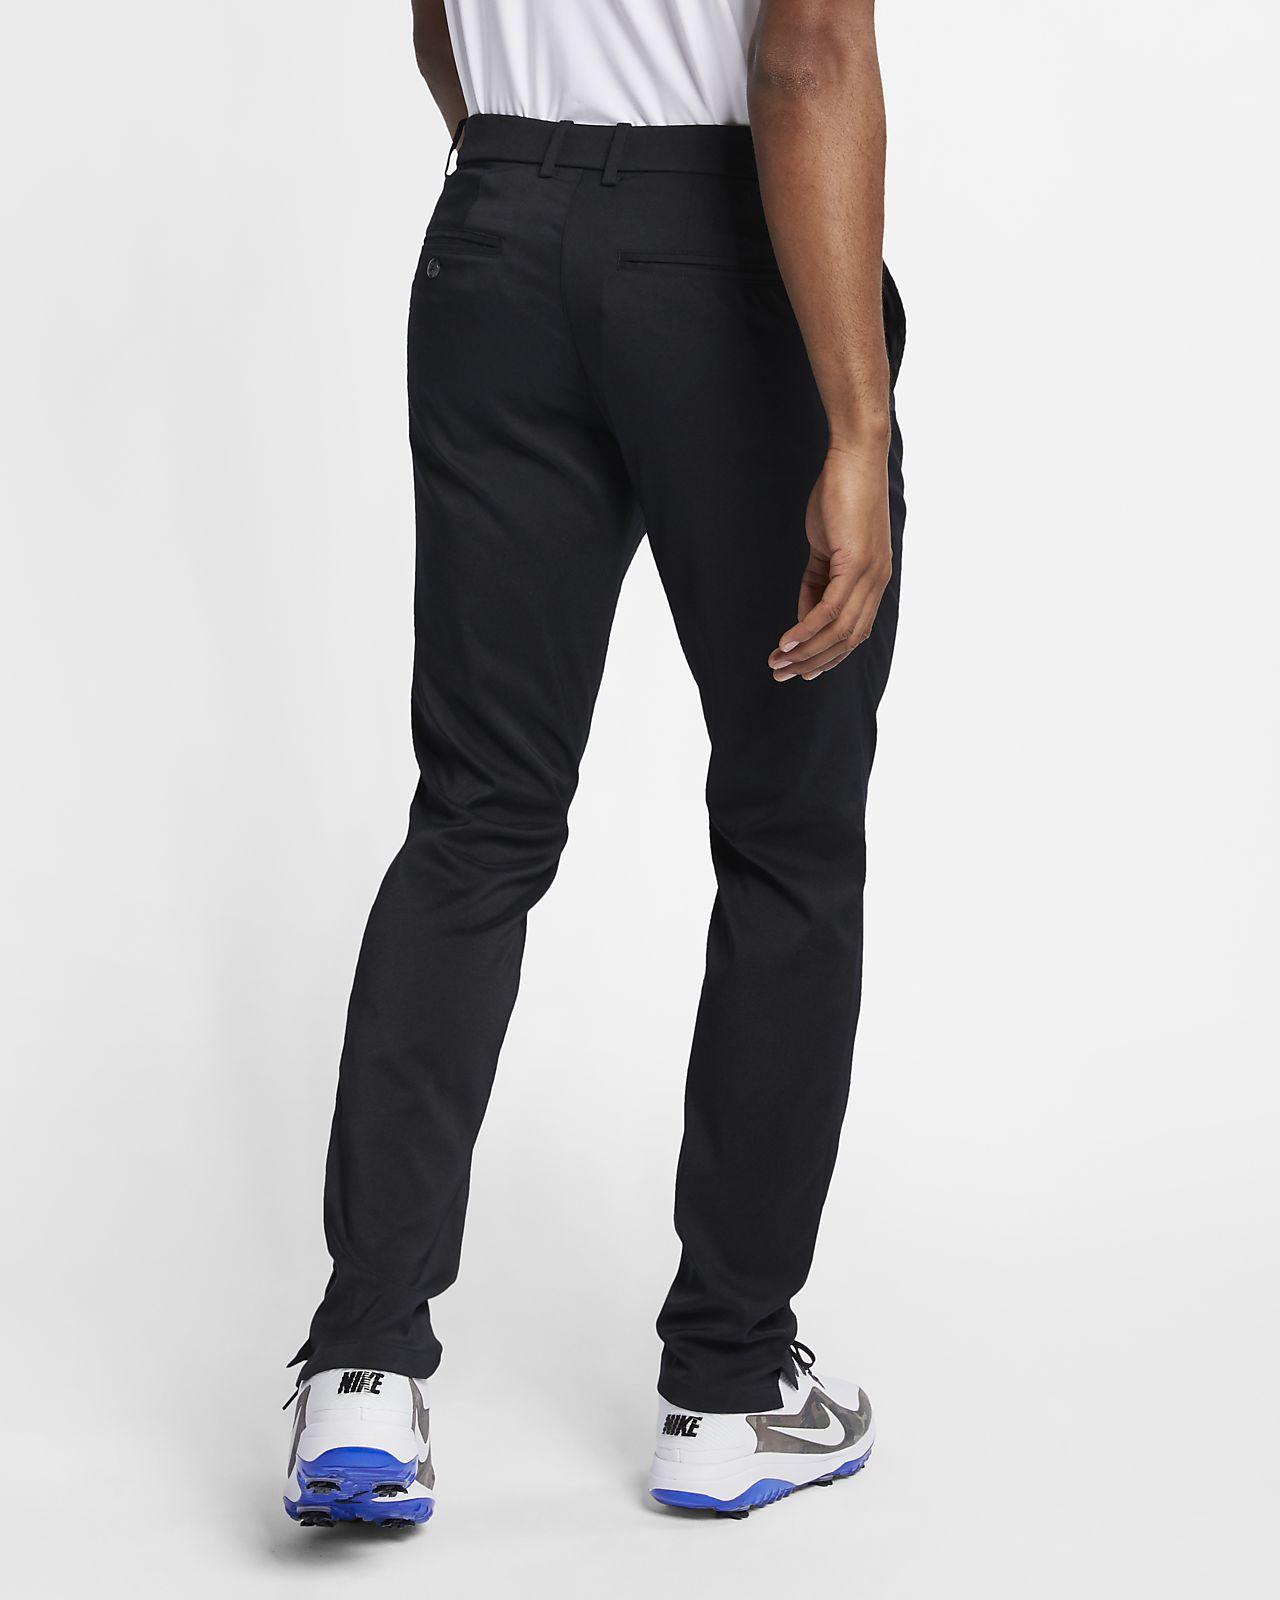 f092aec5e28f Nike Flex Men s Slim Fit Golf Trousers. Nike.com CA